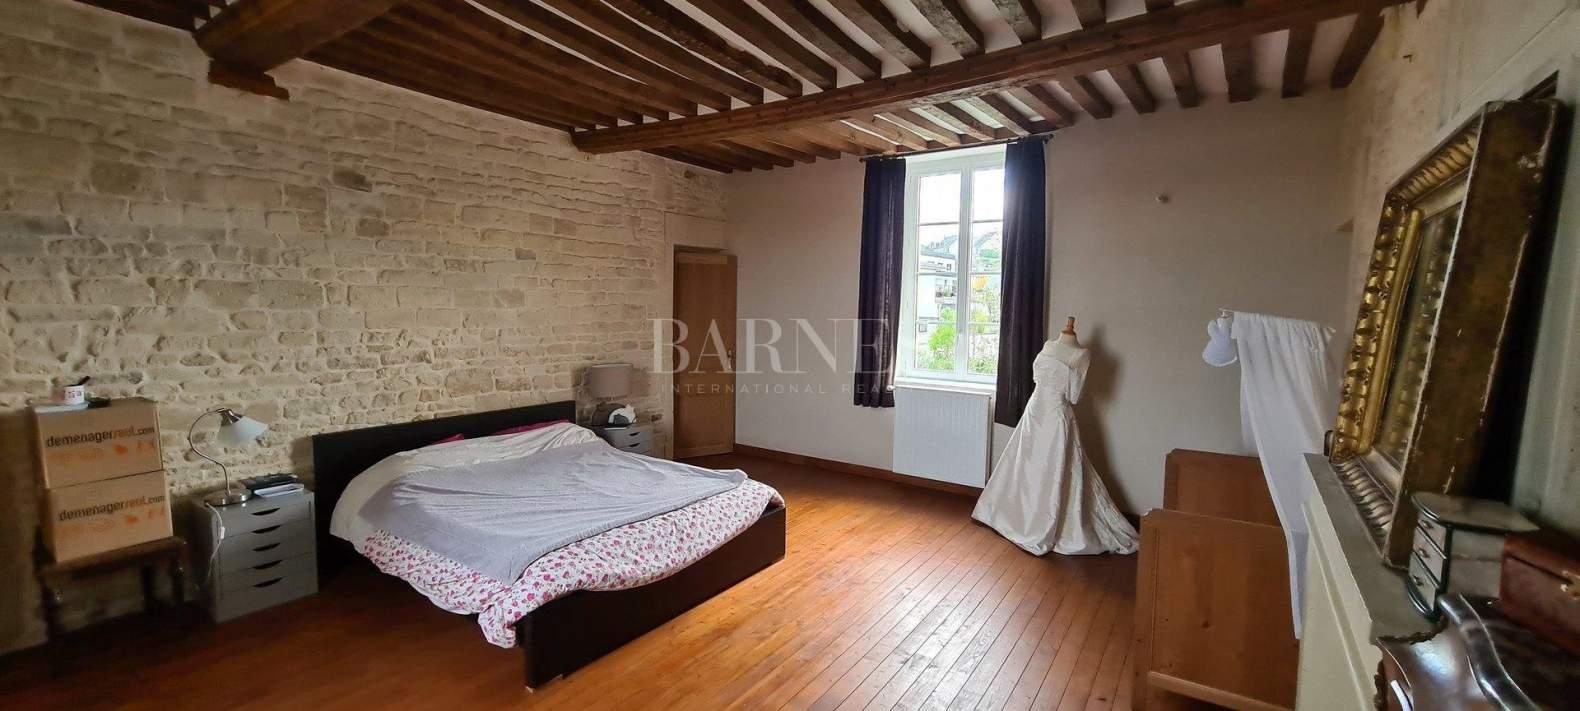 Caen  - Maison 8 Pièces 4 Chambres - picture 5